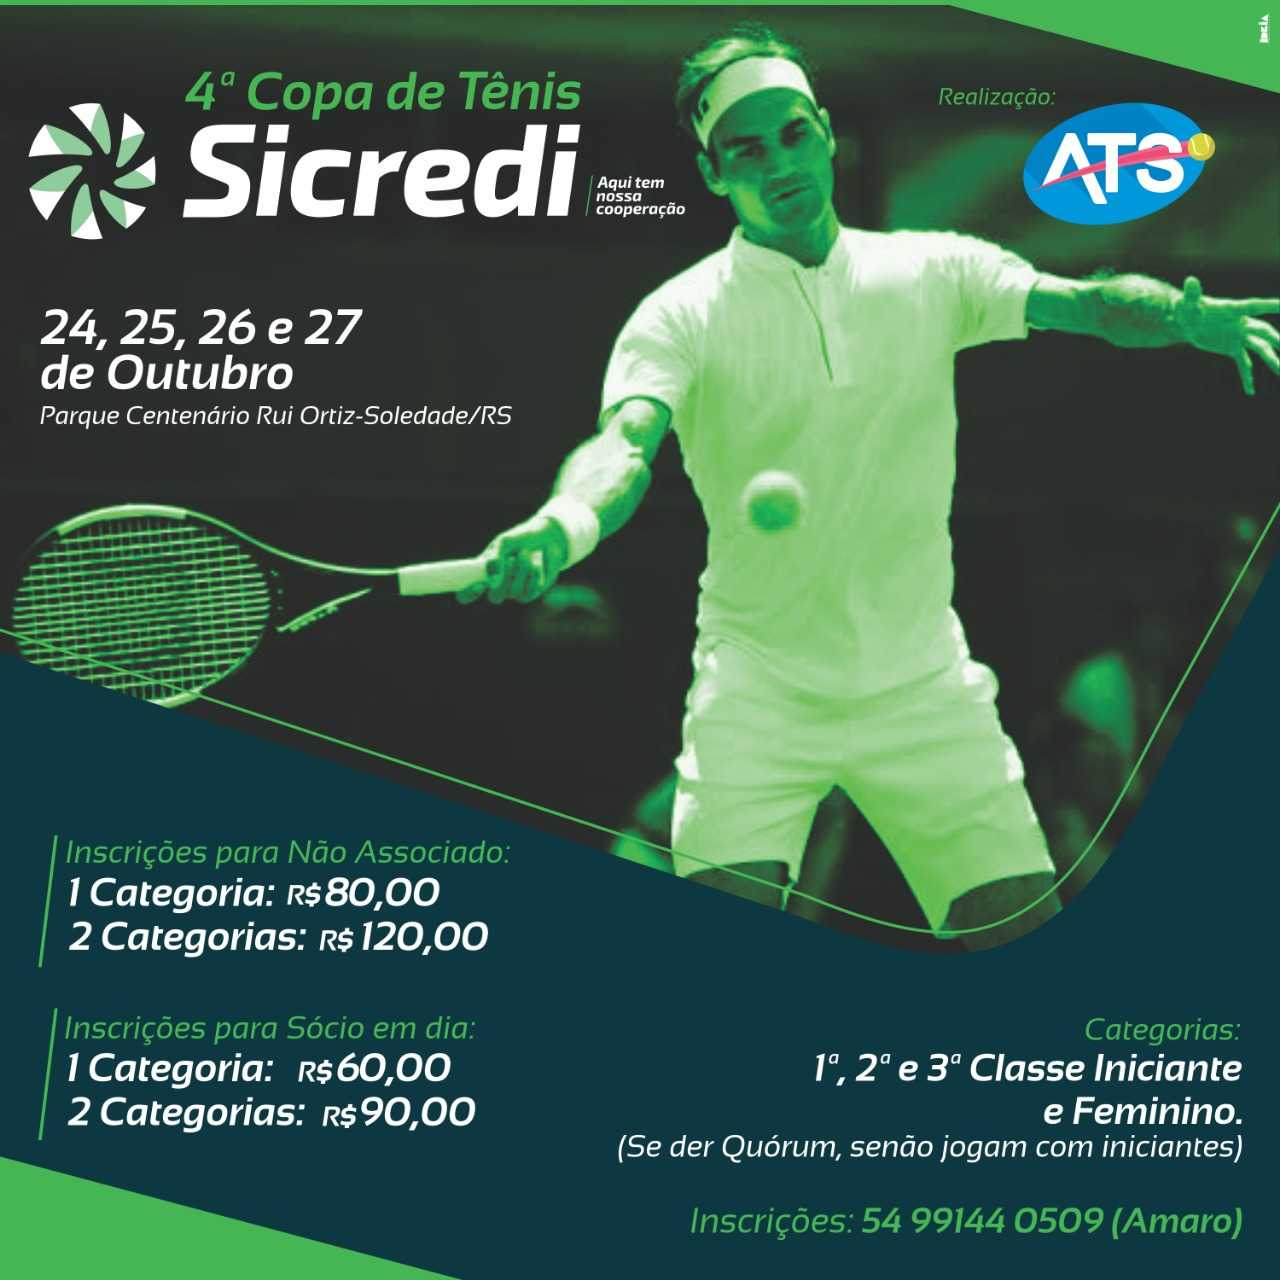 4ª Copa de Tênis SICREDI